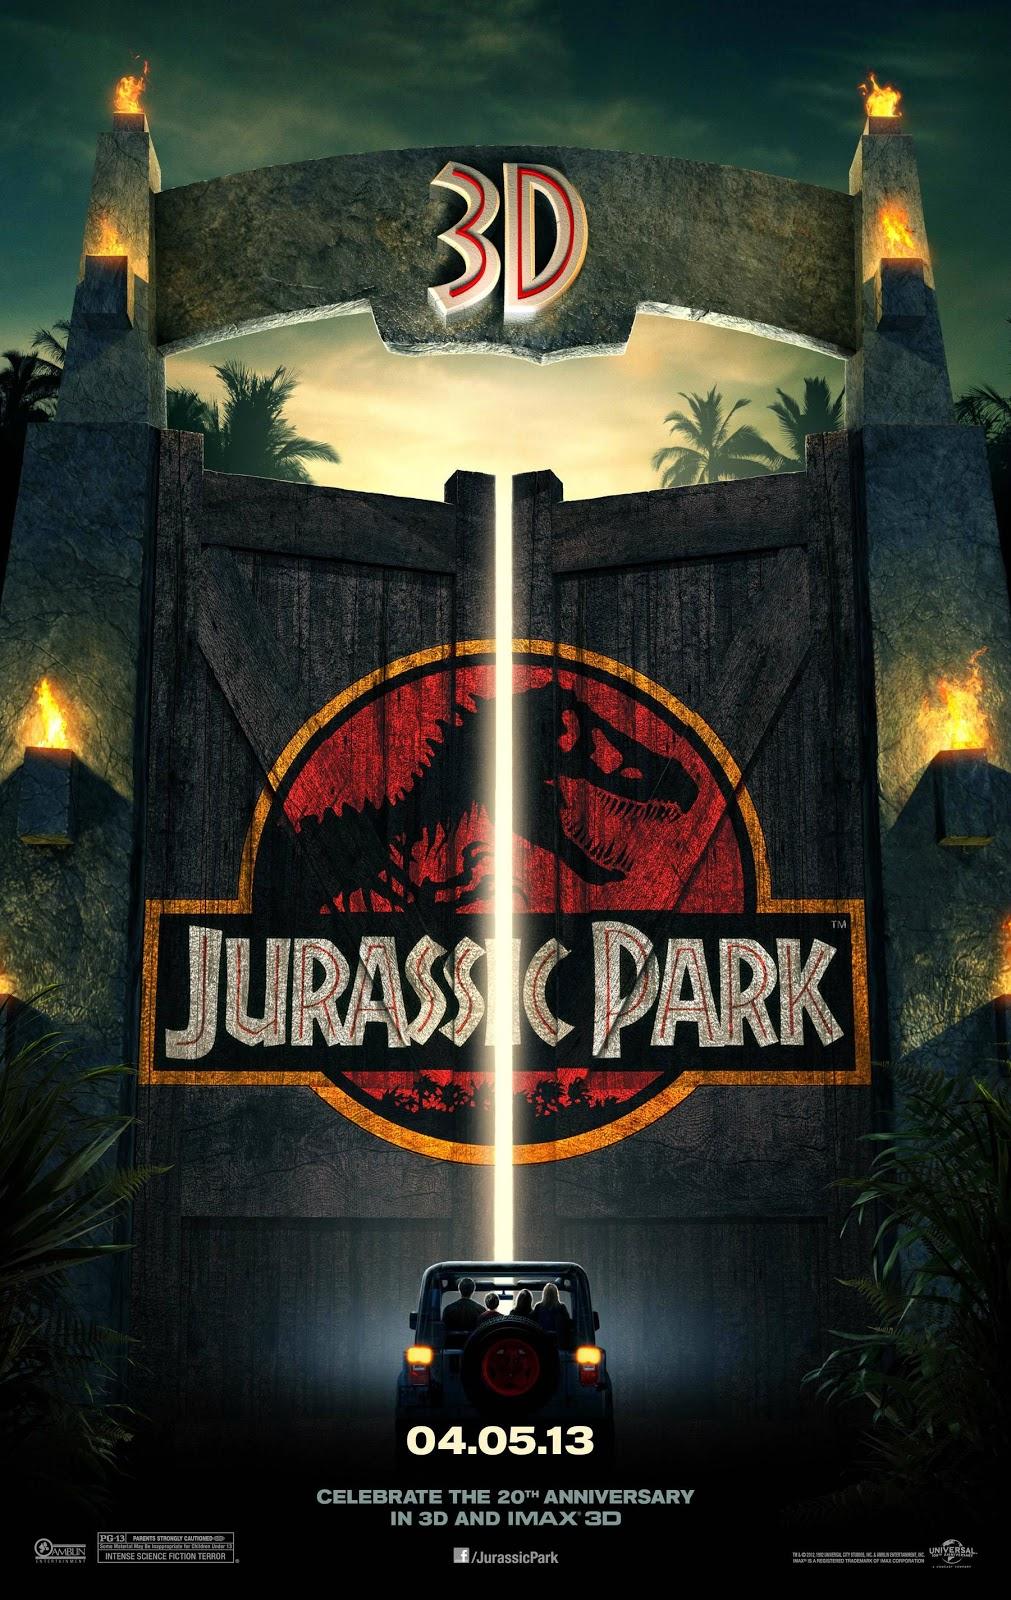 Jurassic Park 3D - Poster (2013)